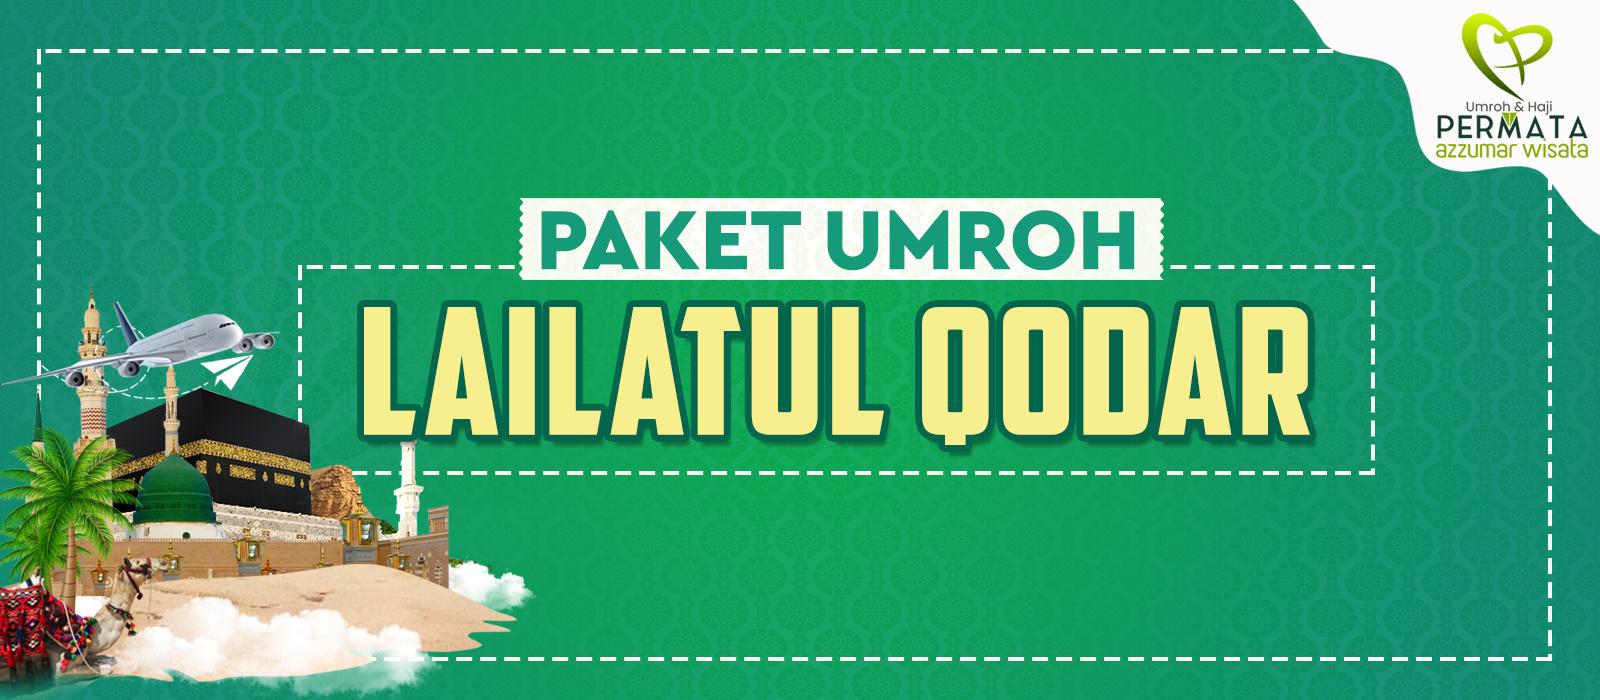 Paket Umroh Ramadhan Murah Biaya Promo